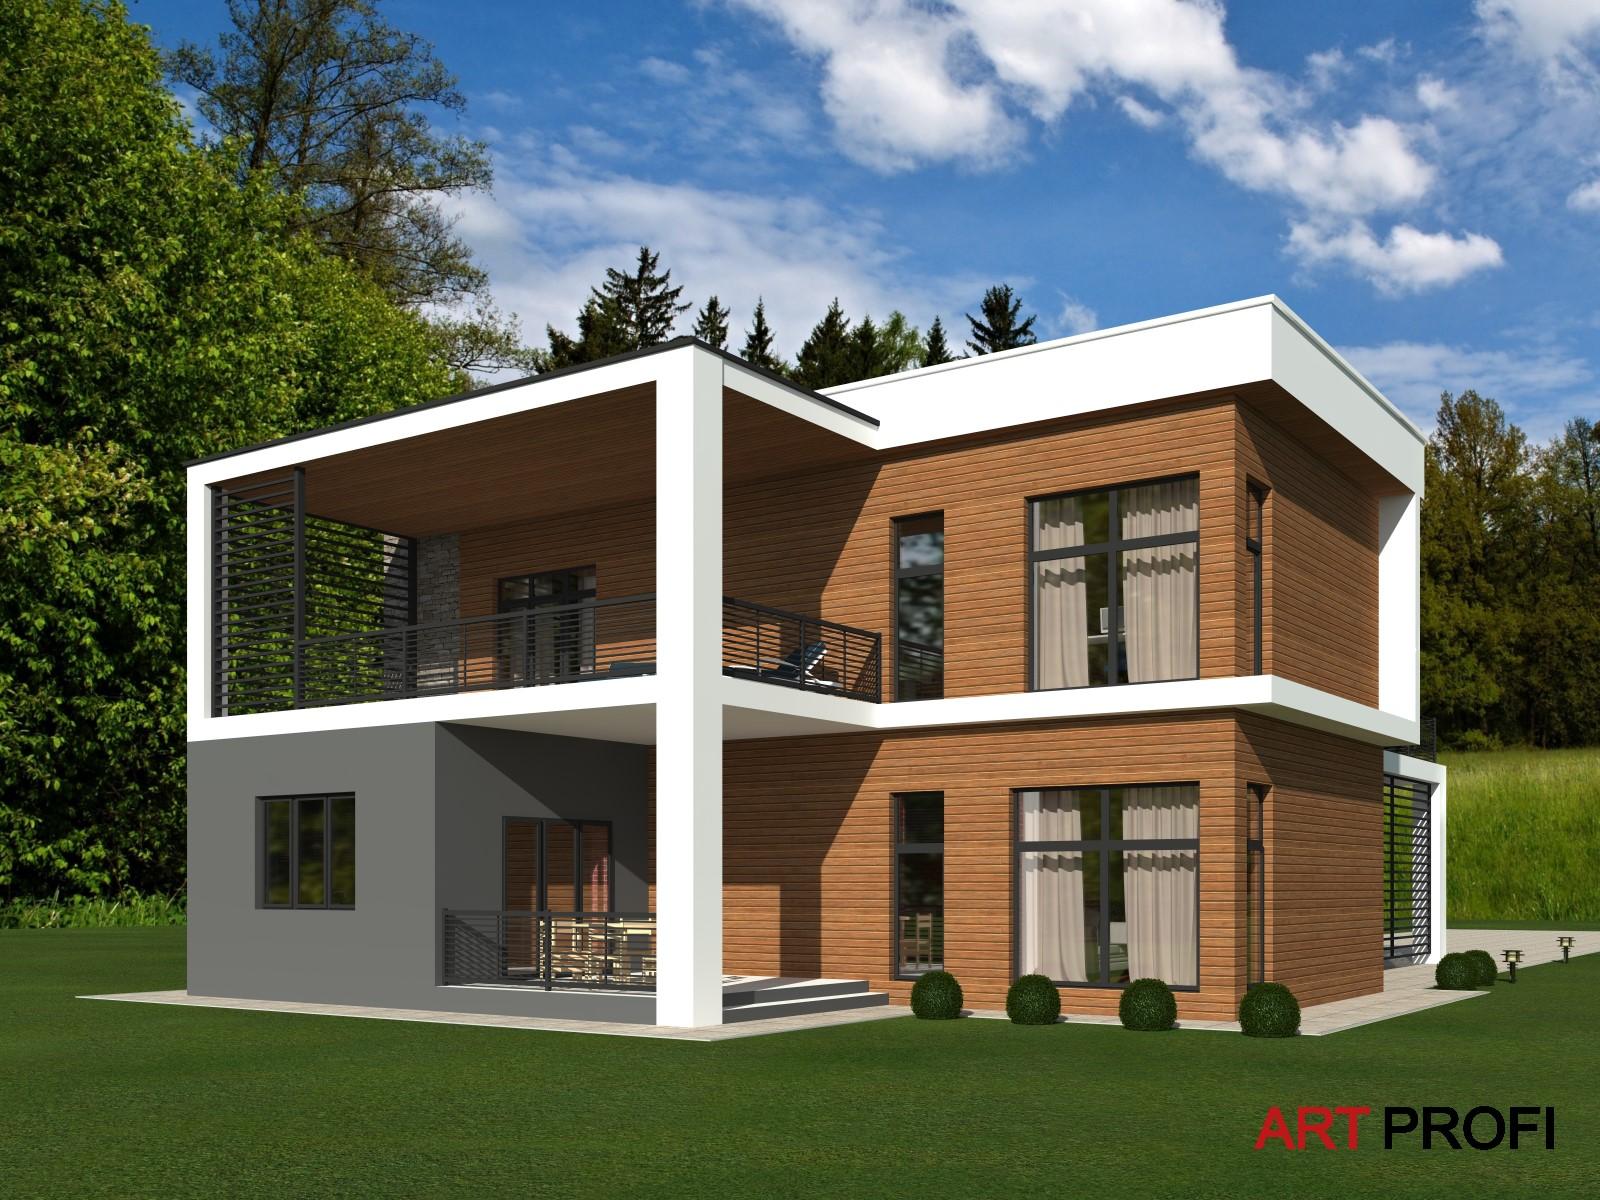 Проекты домов и коттеджей. Дом в стиле Хай-тек.